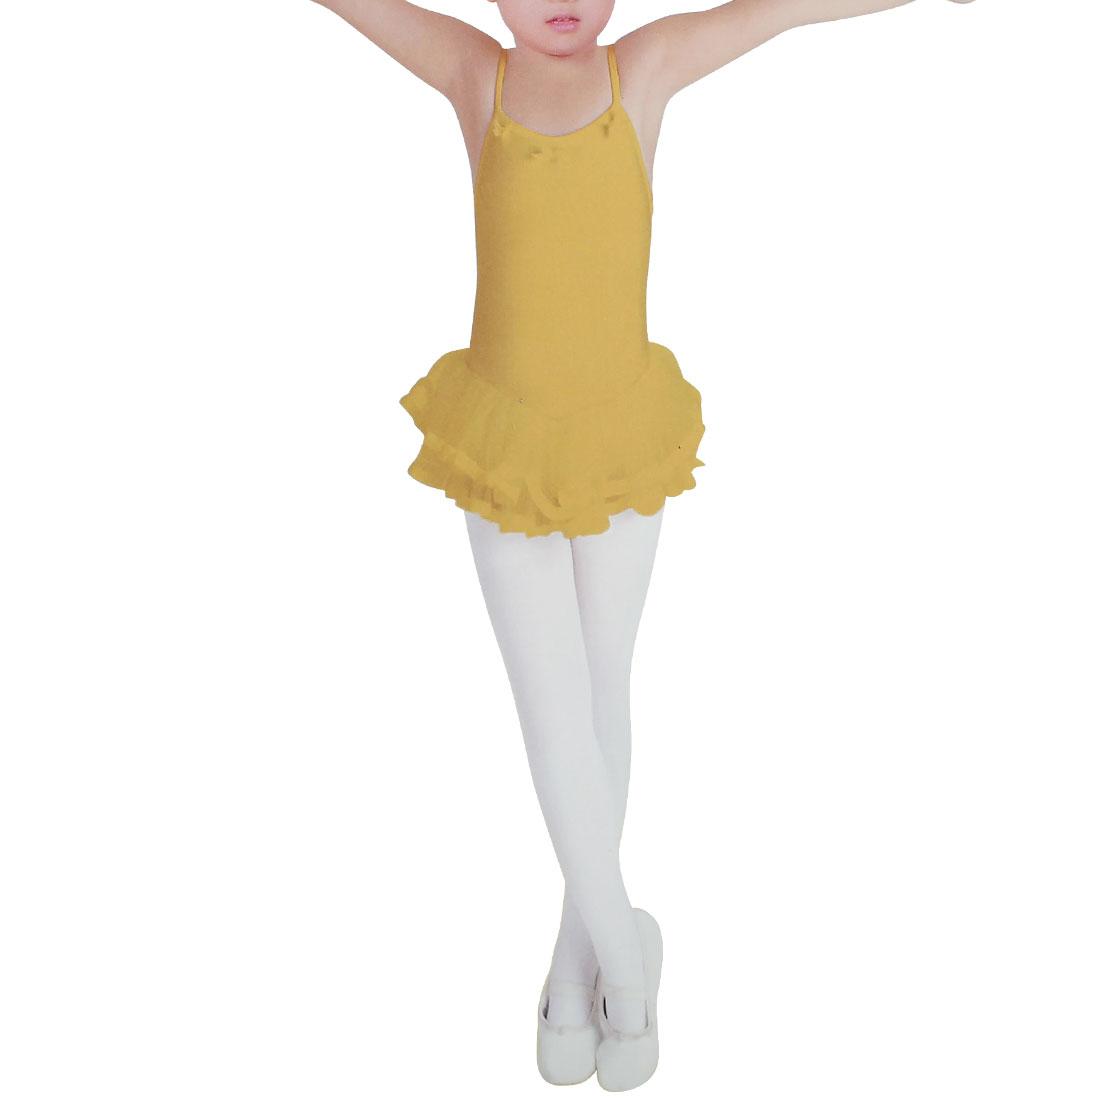 Toddler Ballet Dance Stretchy Slim Leggings Tights White S